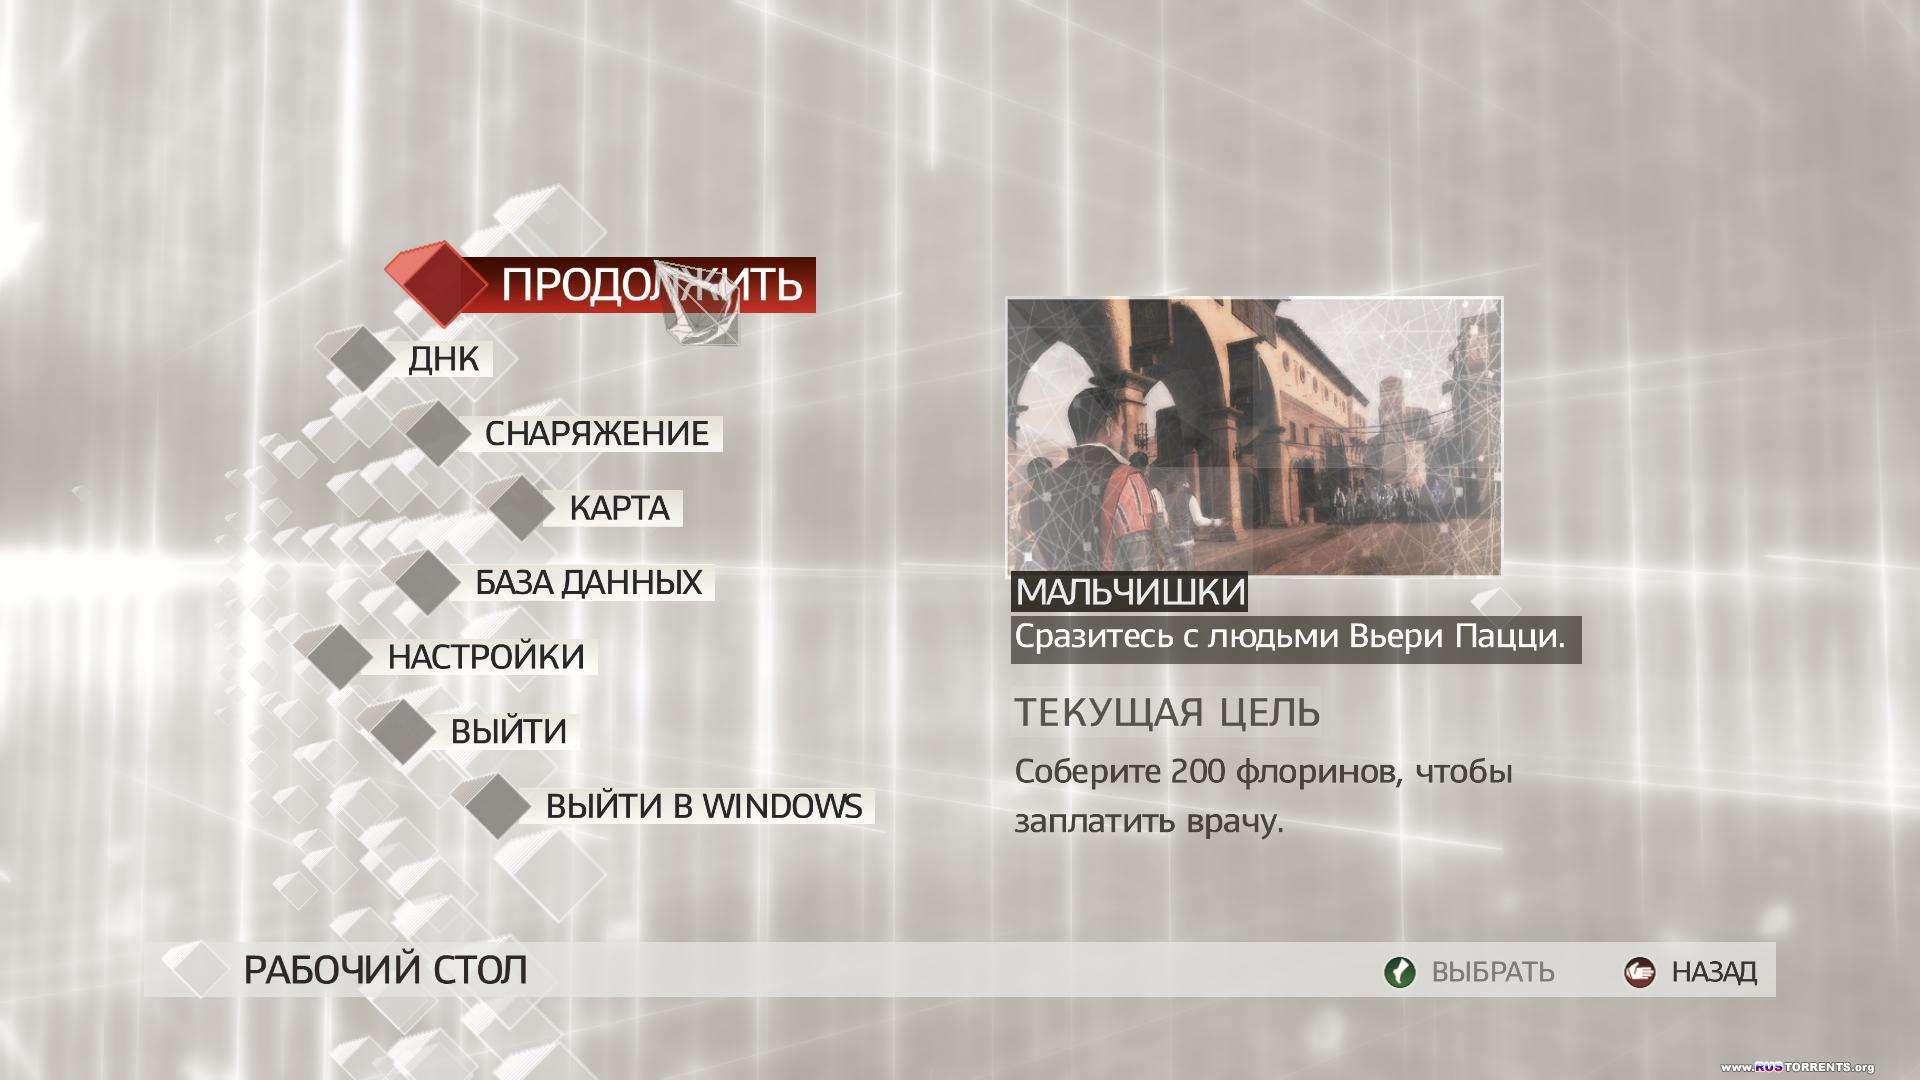 Assassin's Creed II (������) (RUS) [RePack]